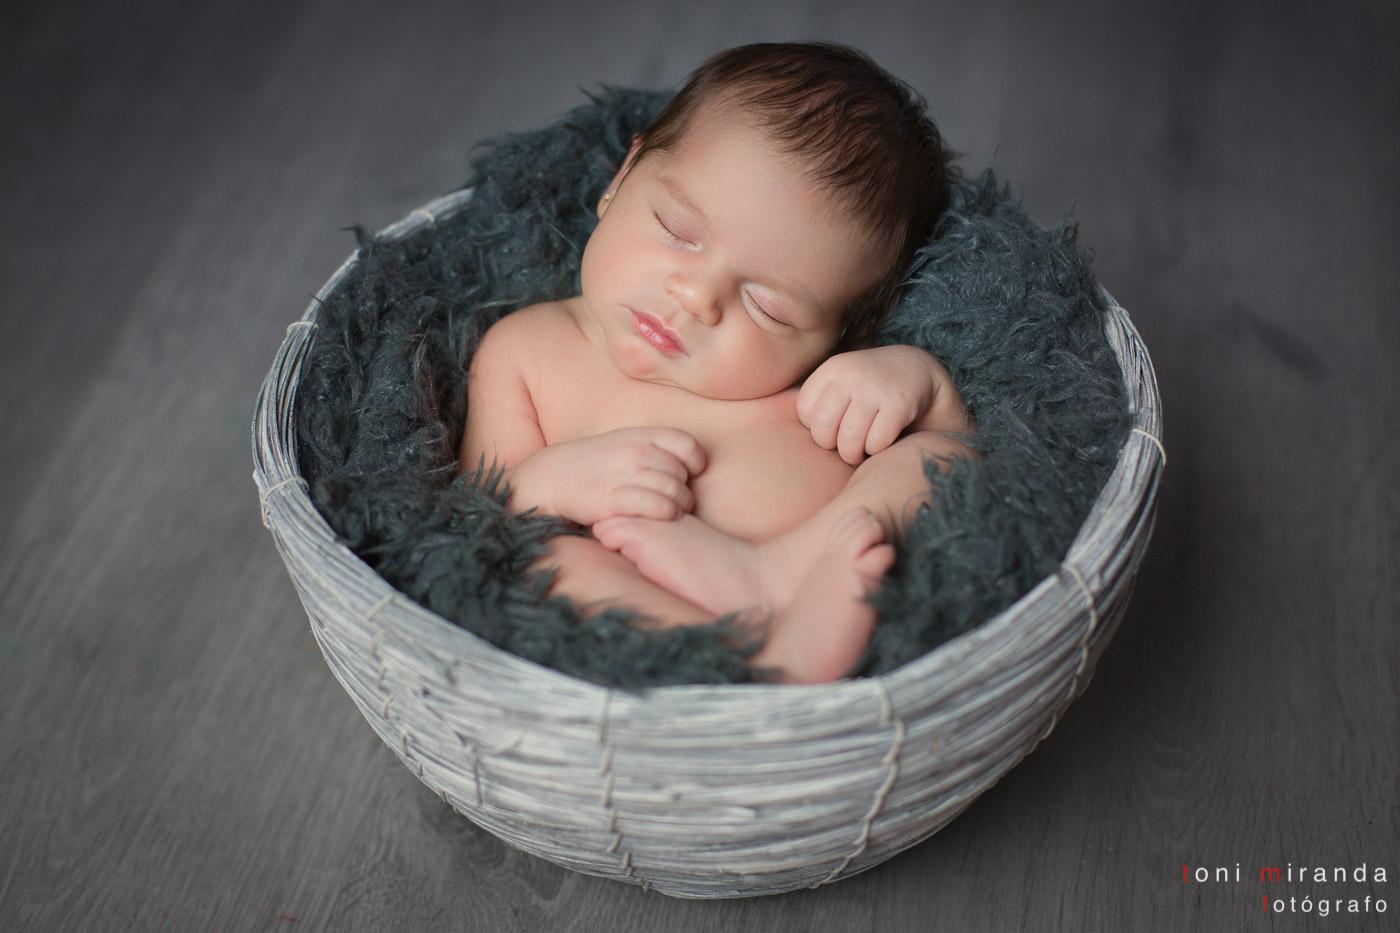 recien nacida en cesto sesion de new born